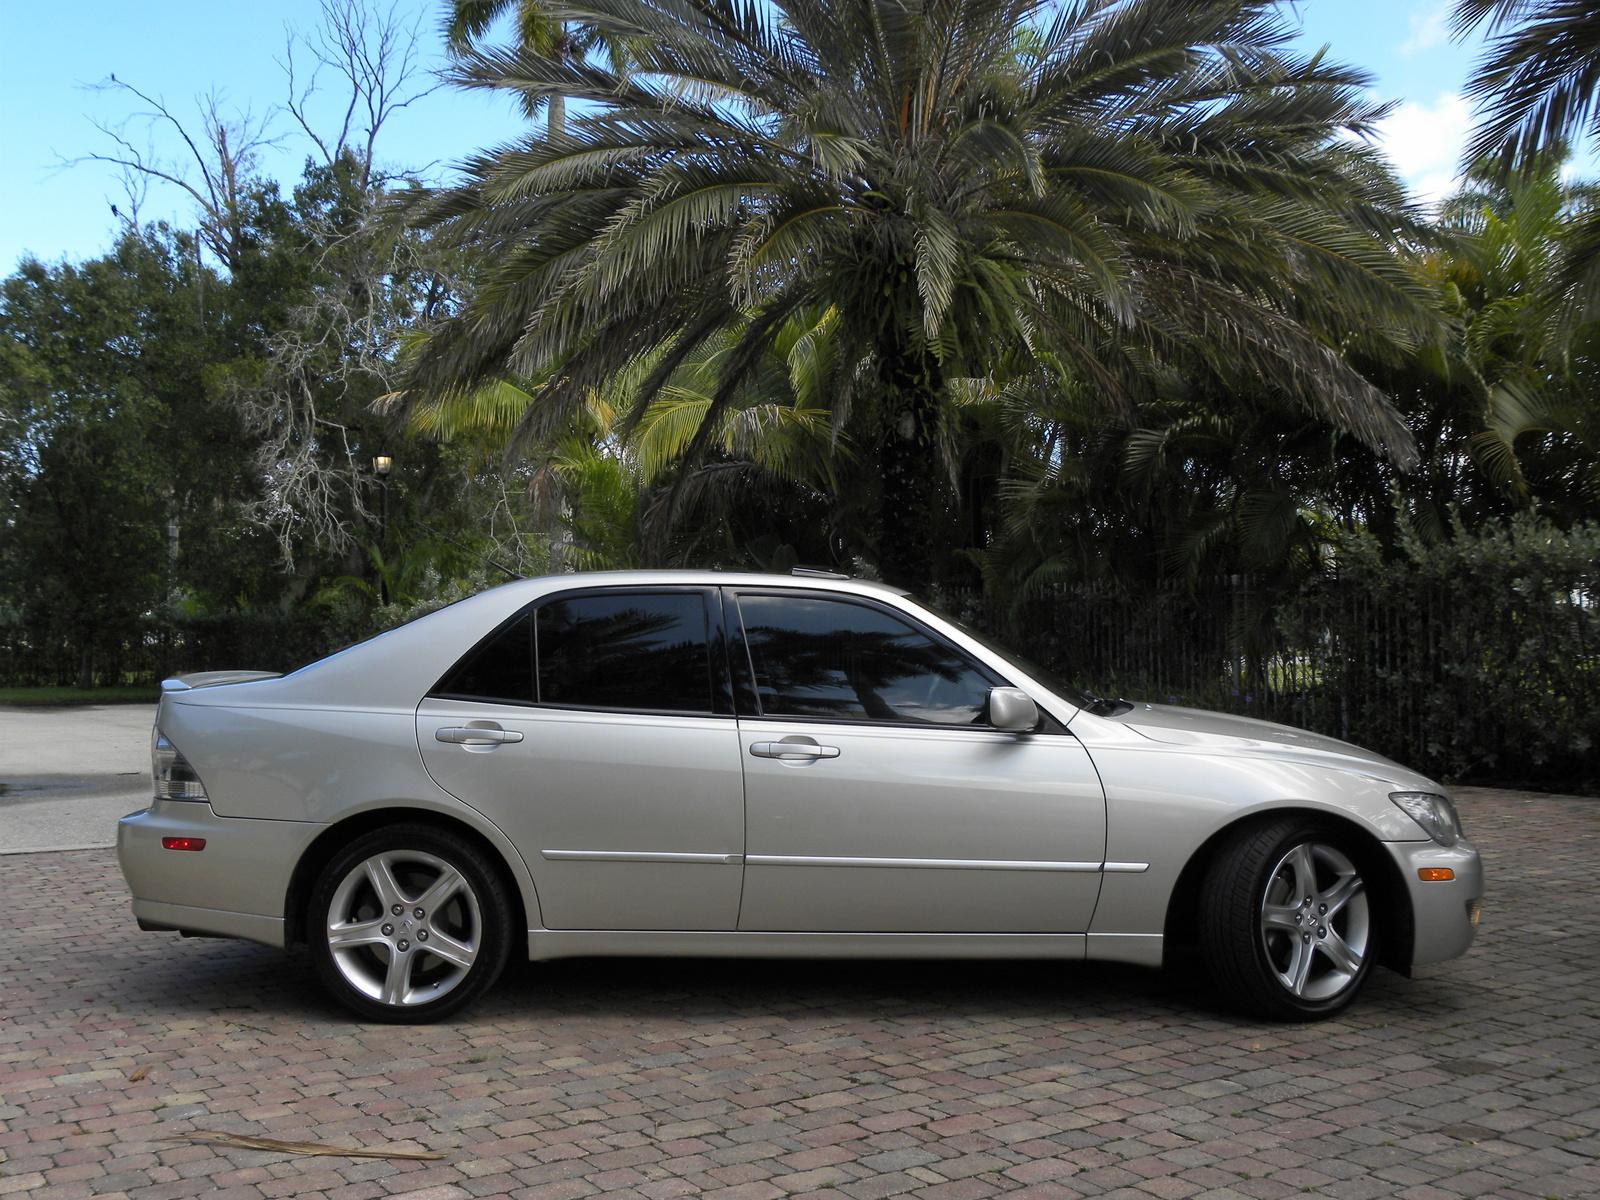 2004 Lexus Is 300 Pictures Cargurus